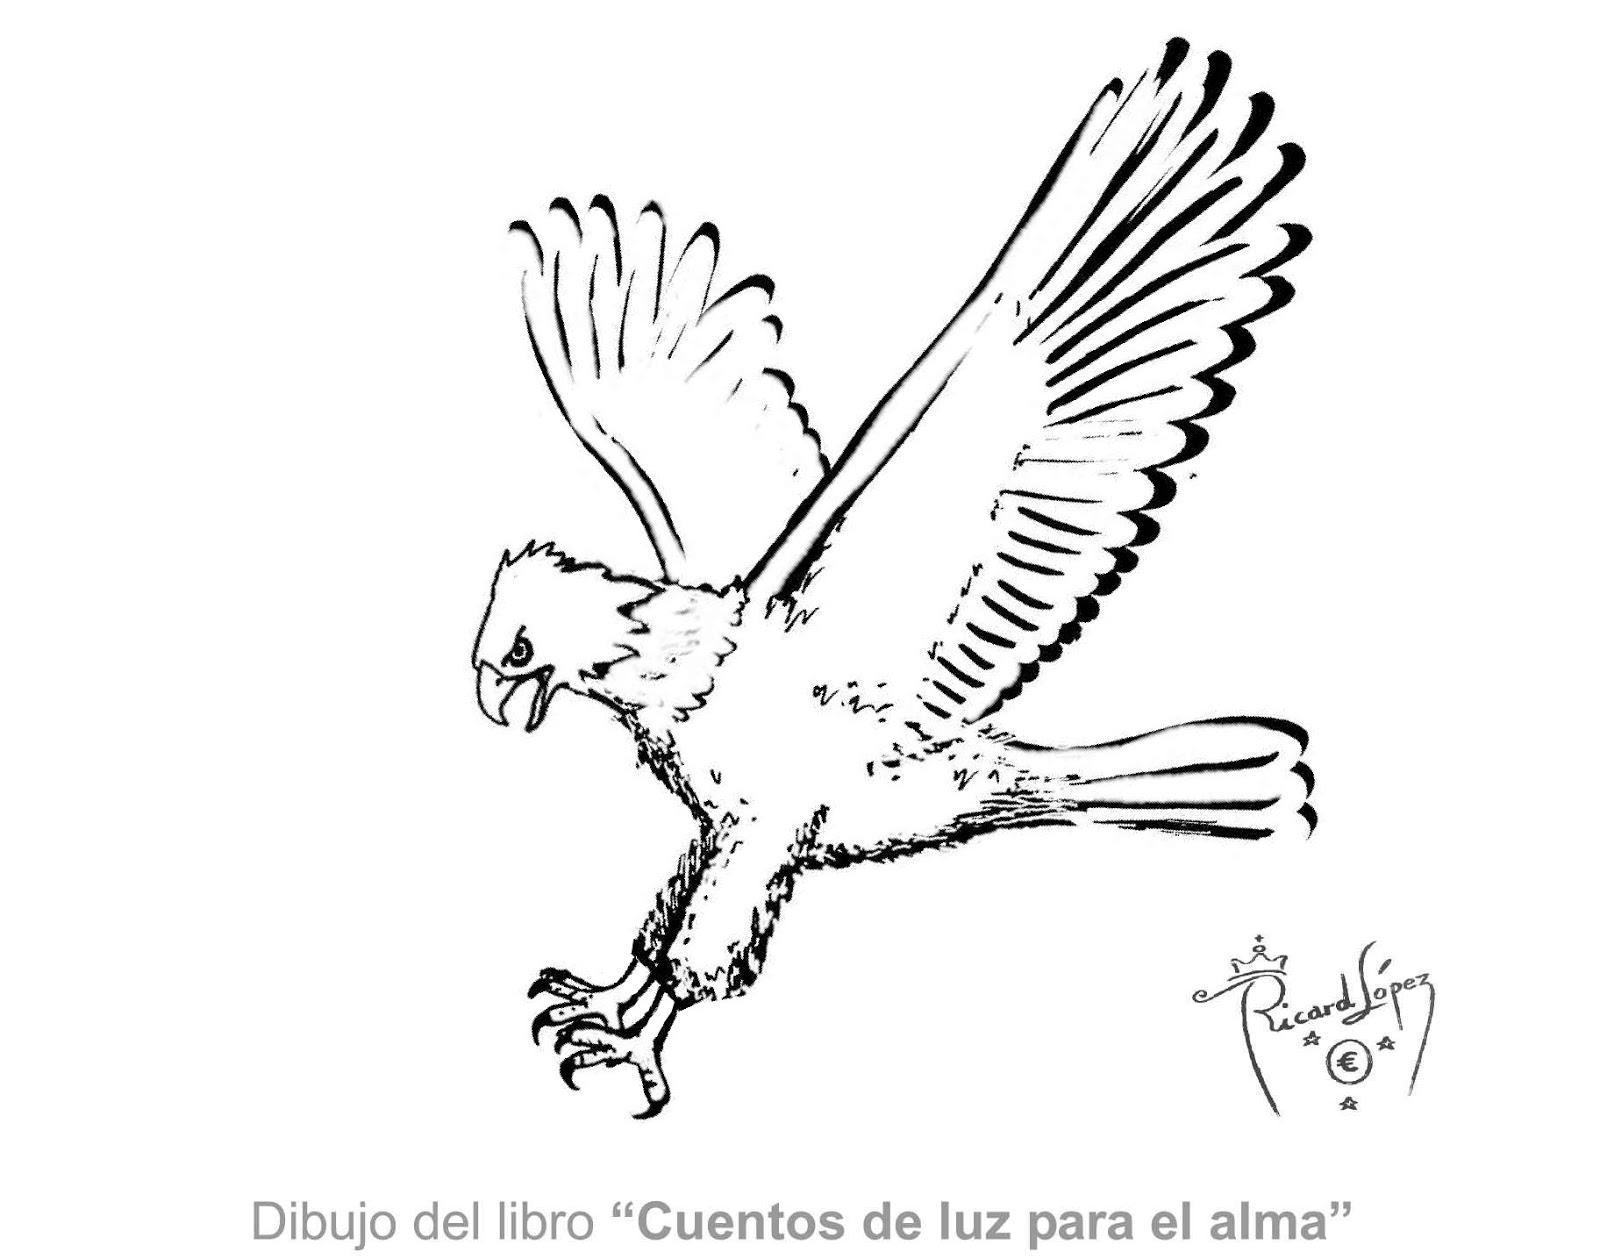 Dibujos Muy Originales Para Colorear De Ricard López Dibujo